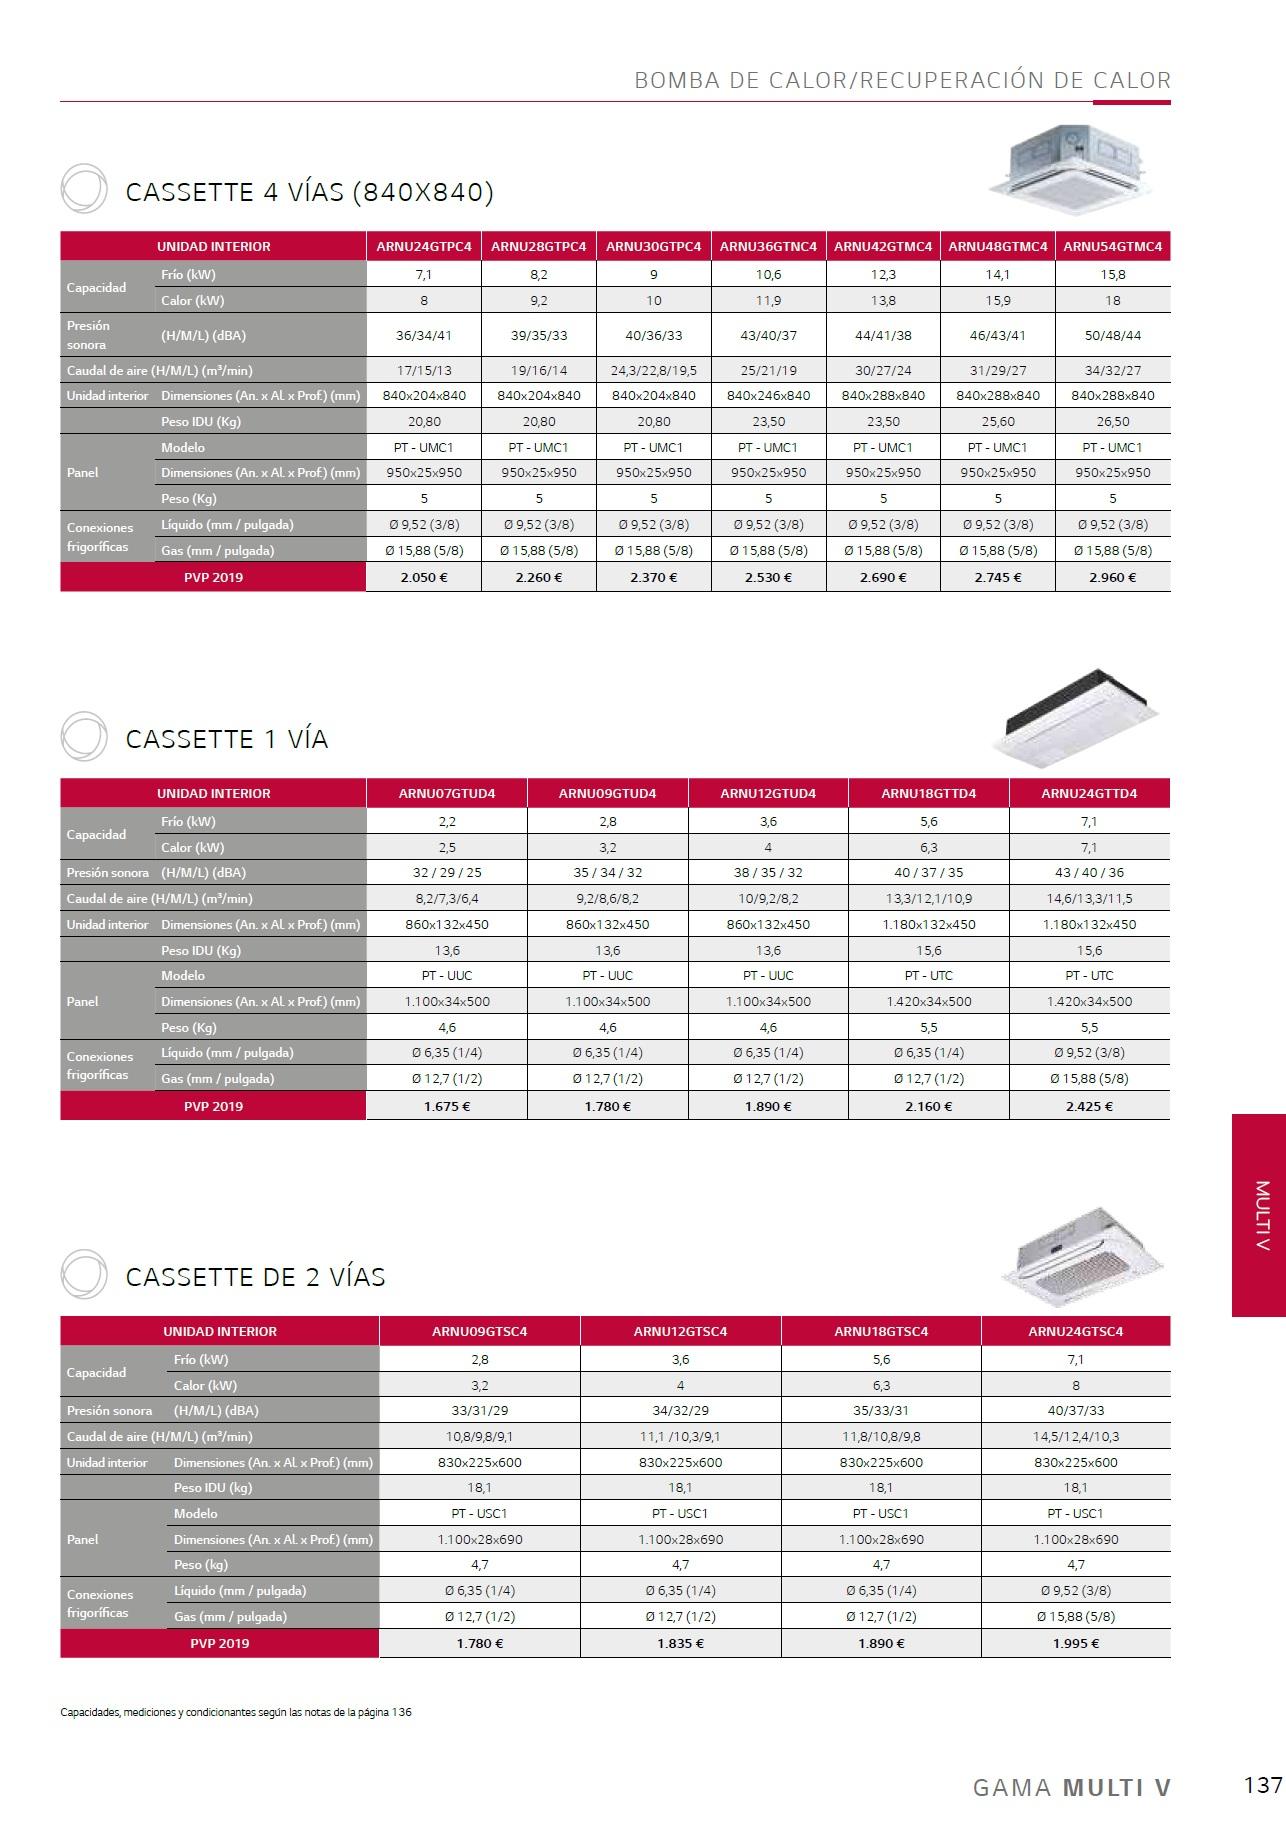 Catálogo sistema VRf Multi V 5 unidades interiores Cassette